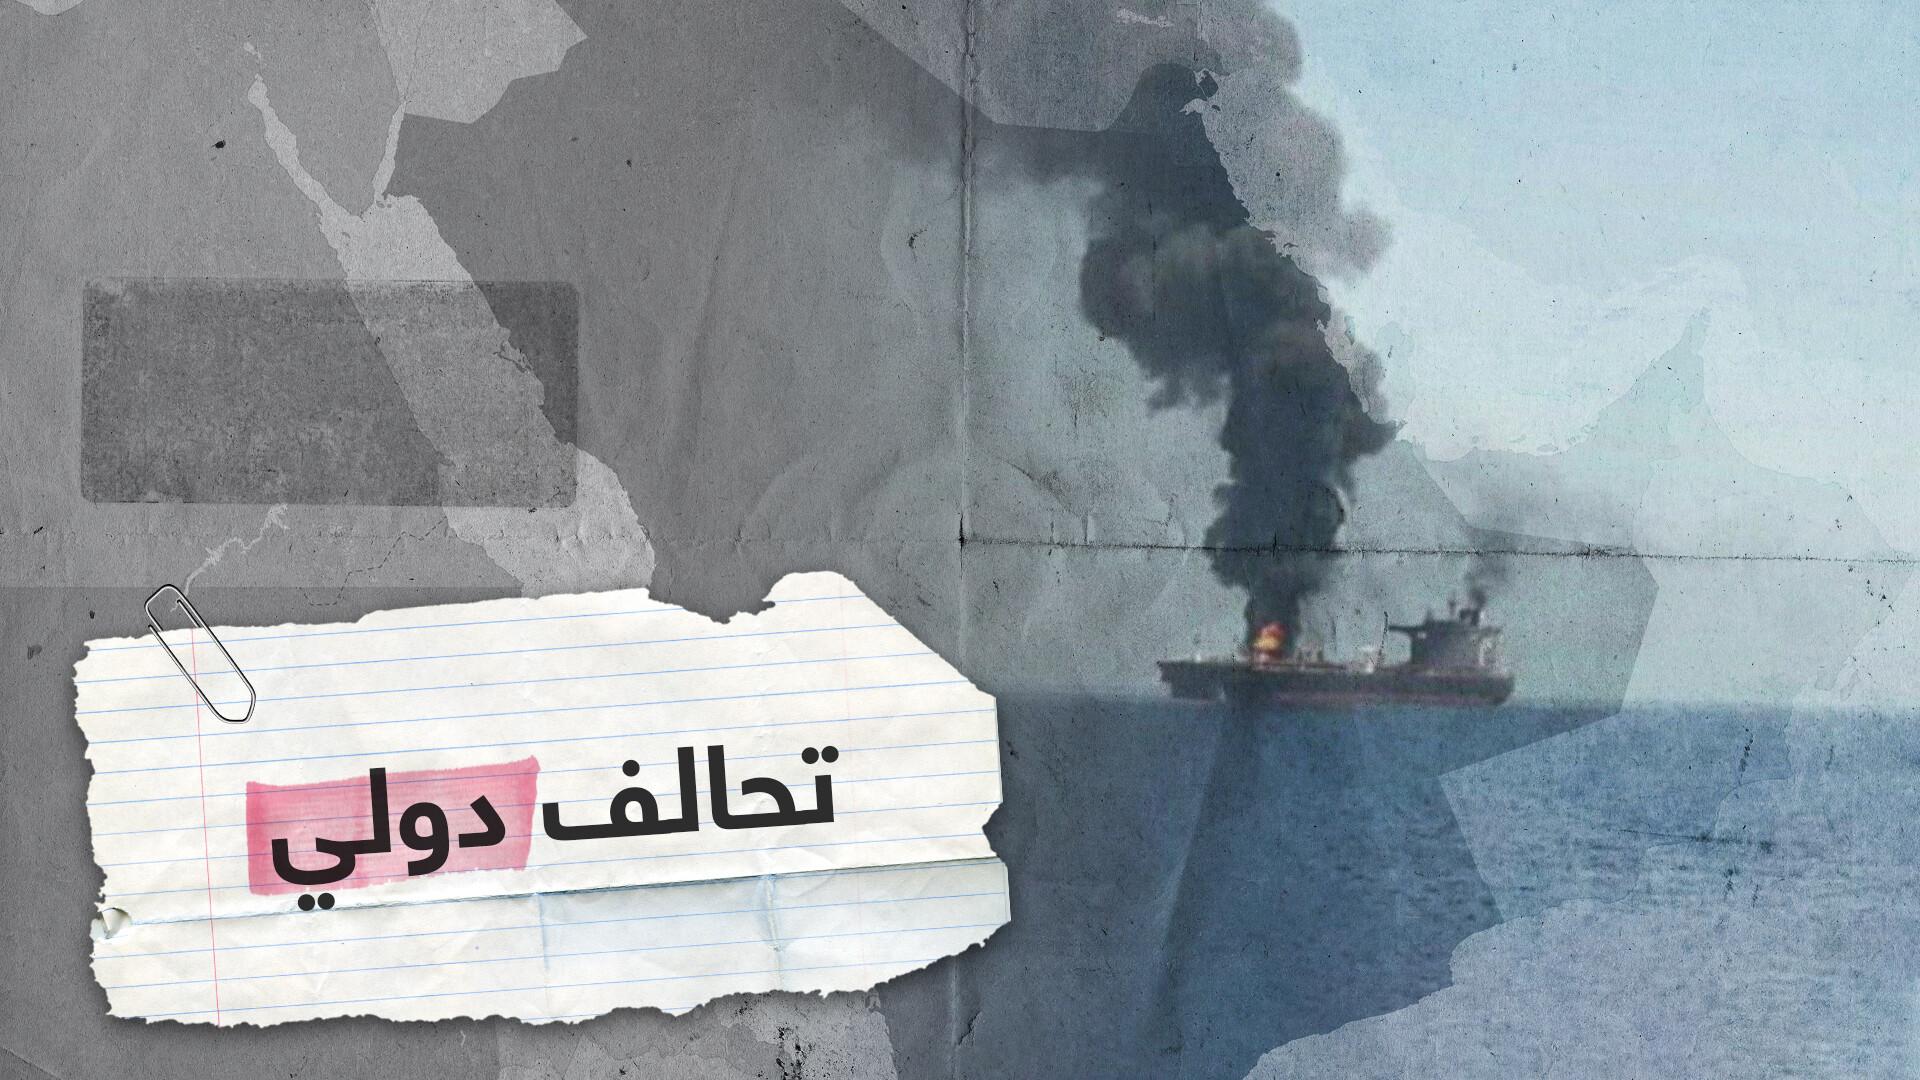 ماذا تعرف عن التحالف البحري الذي انضمت له السعودية والإمارات؟